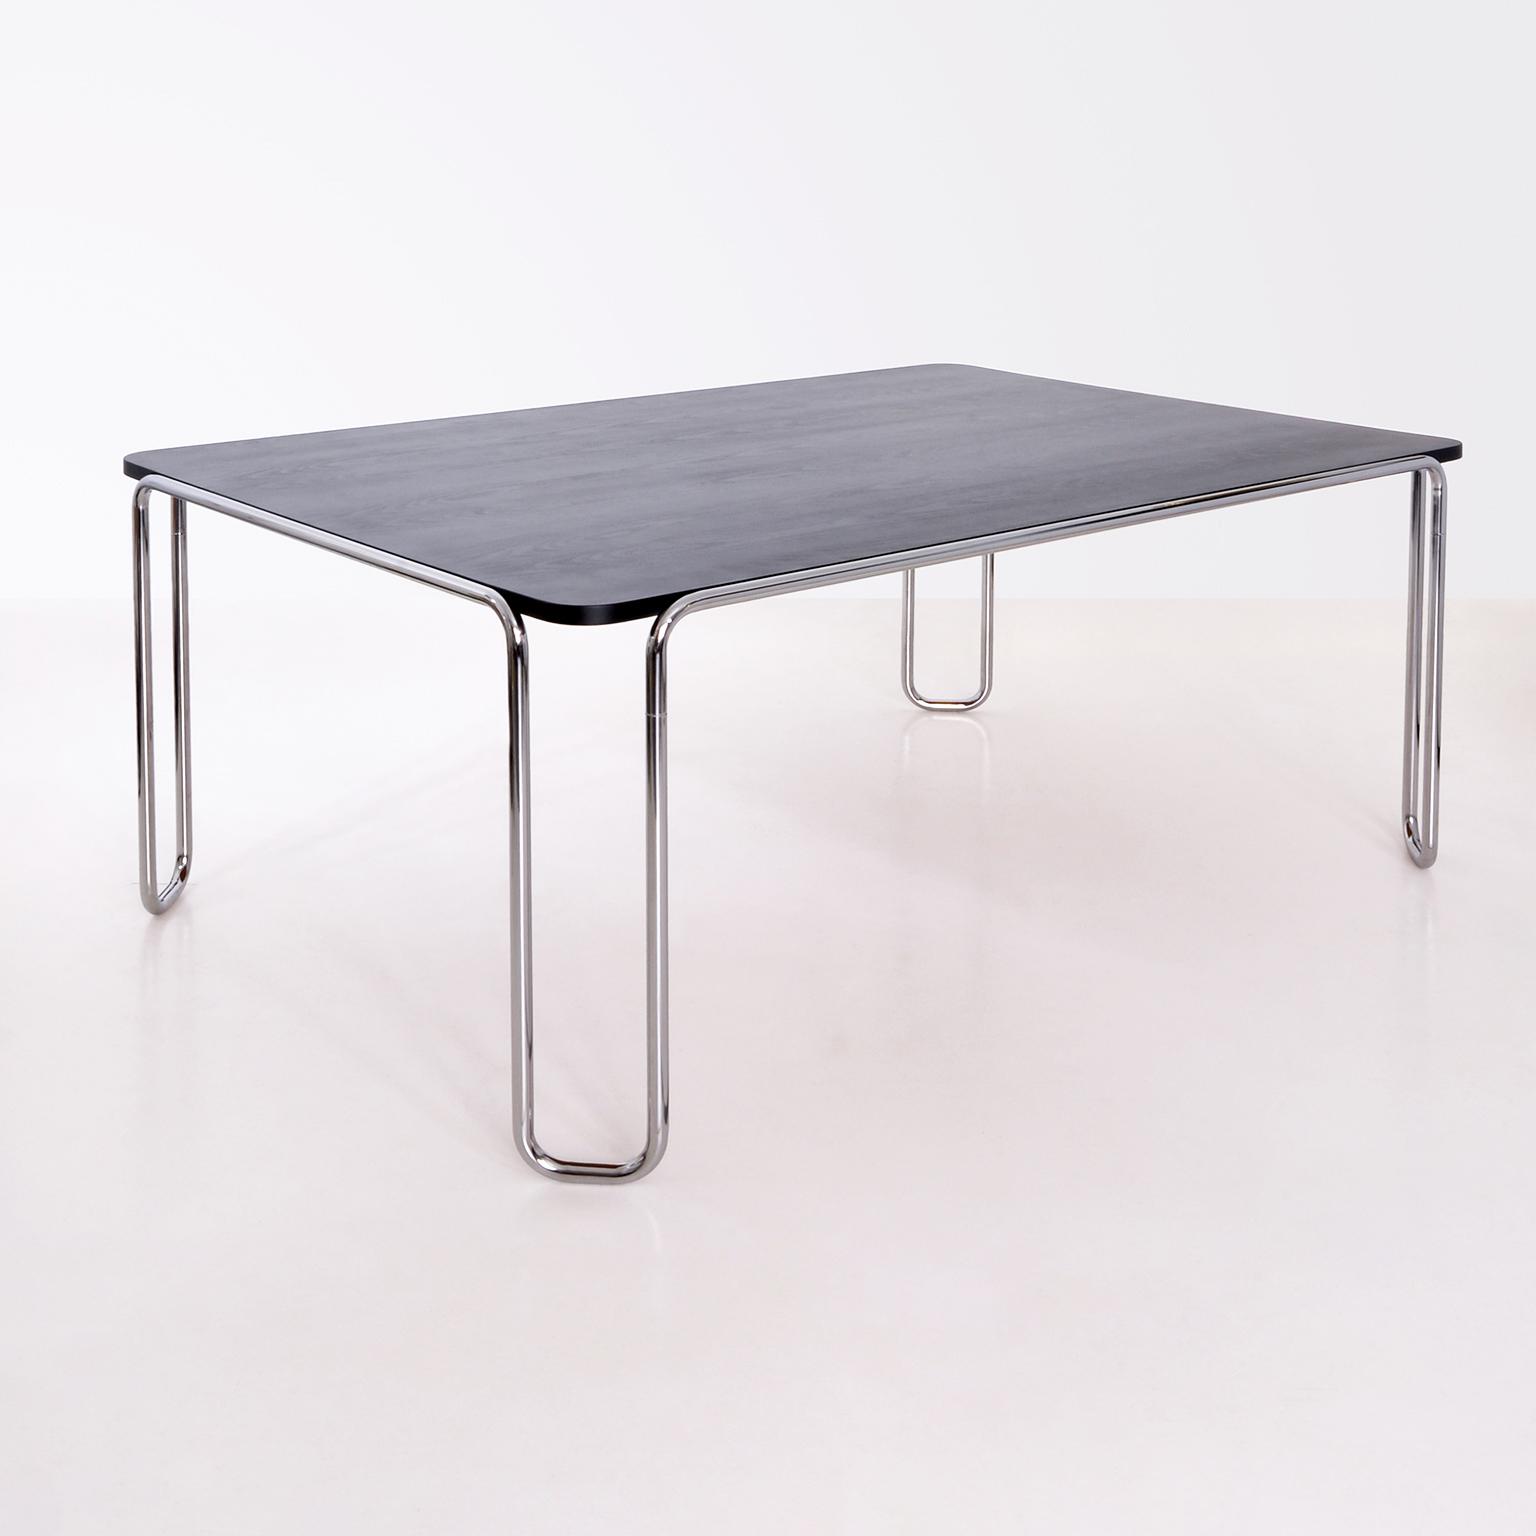 modern xx german modernism stahlrohr schlaufentisch tubular steel table. Black Bedroom Furniture Sets. Home Design Ideas